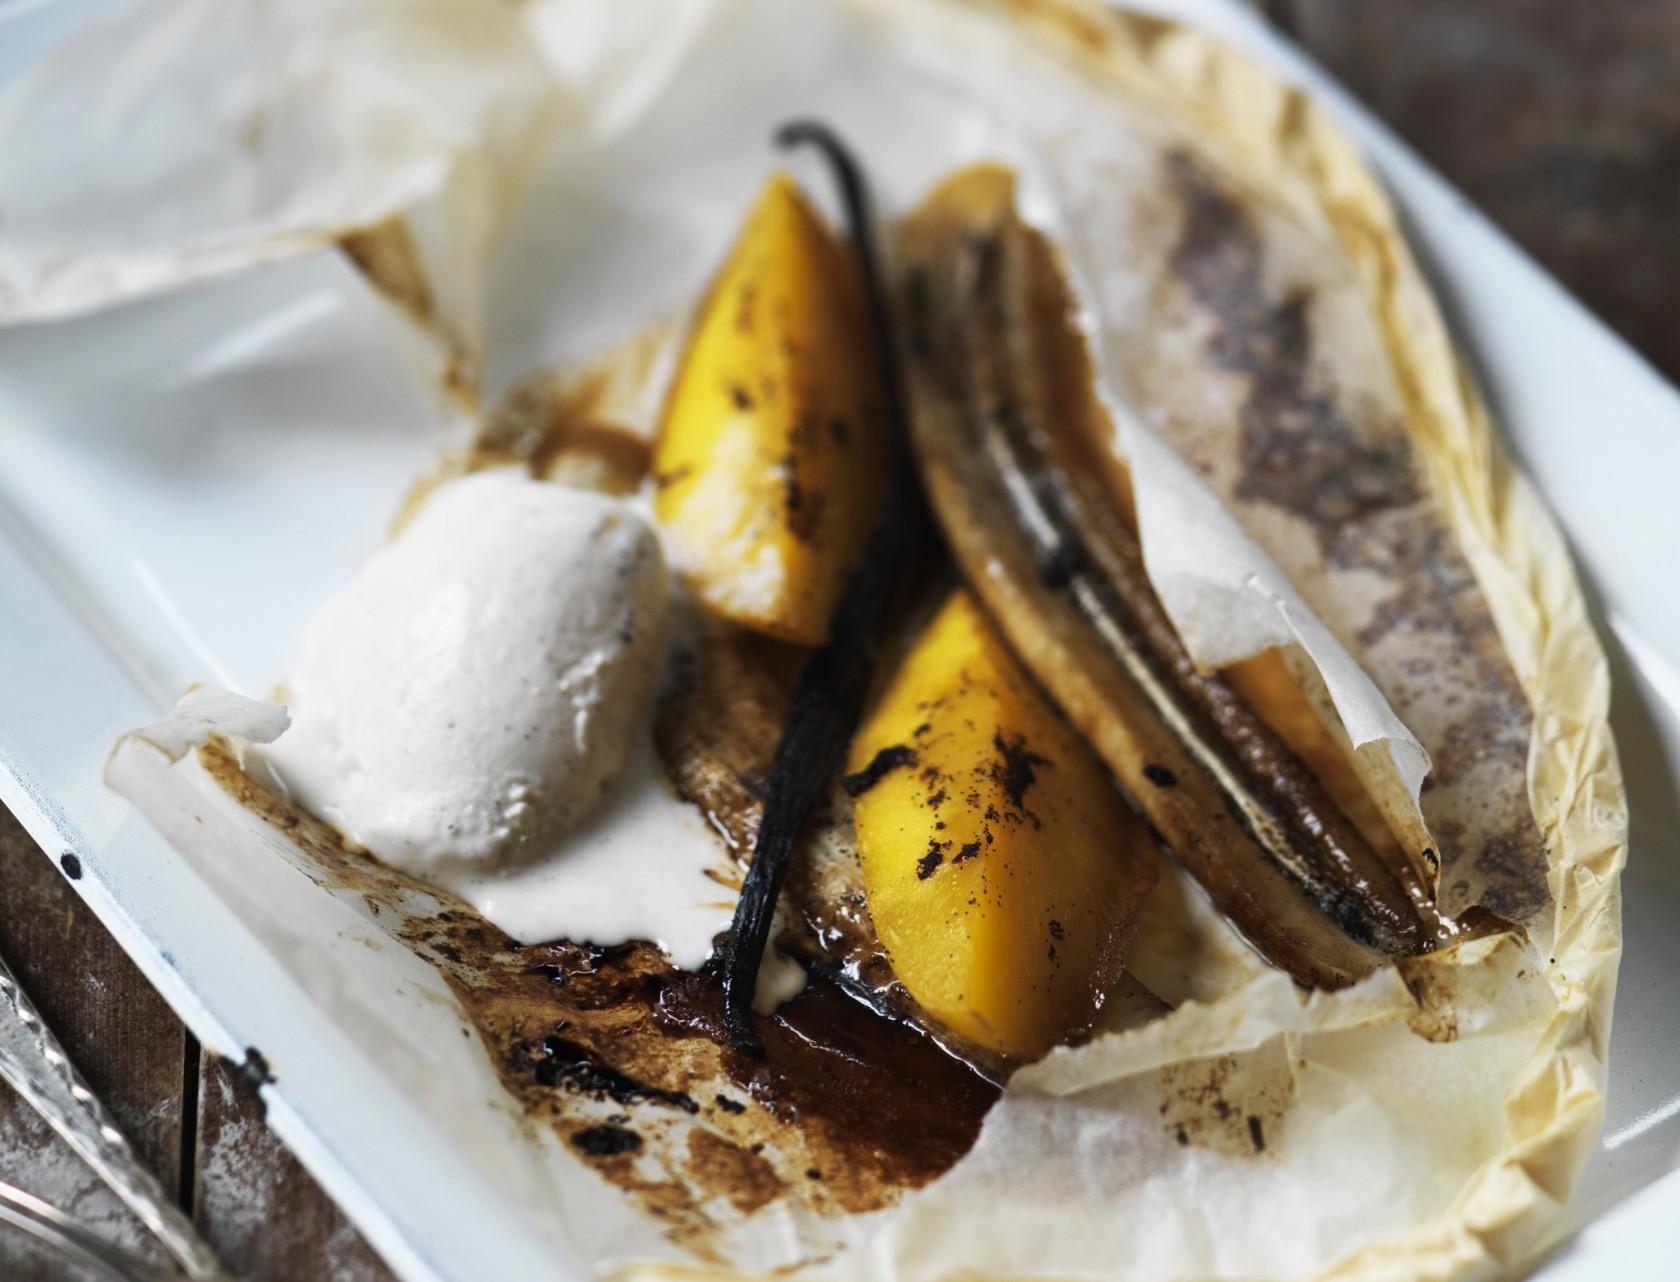 Bagt banan i ovn serveret med vaniljeis - nem og lækker opskrift!